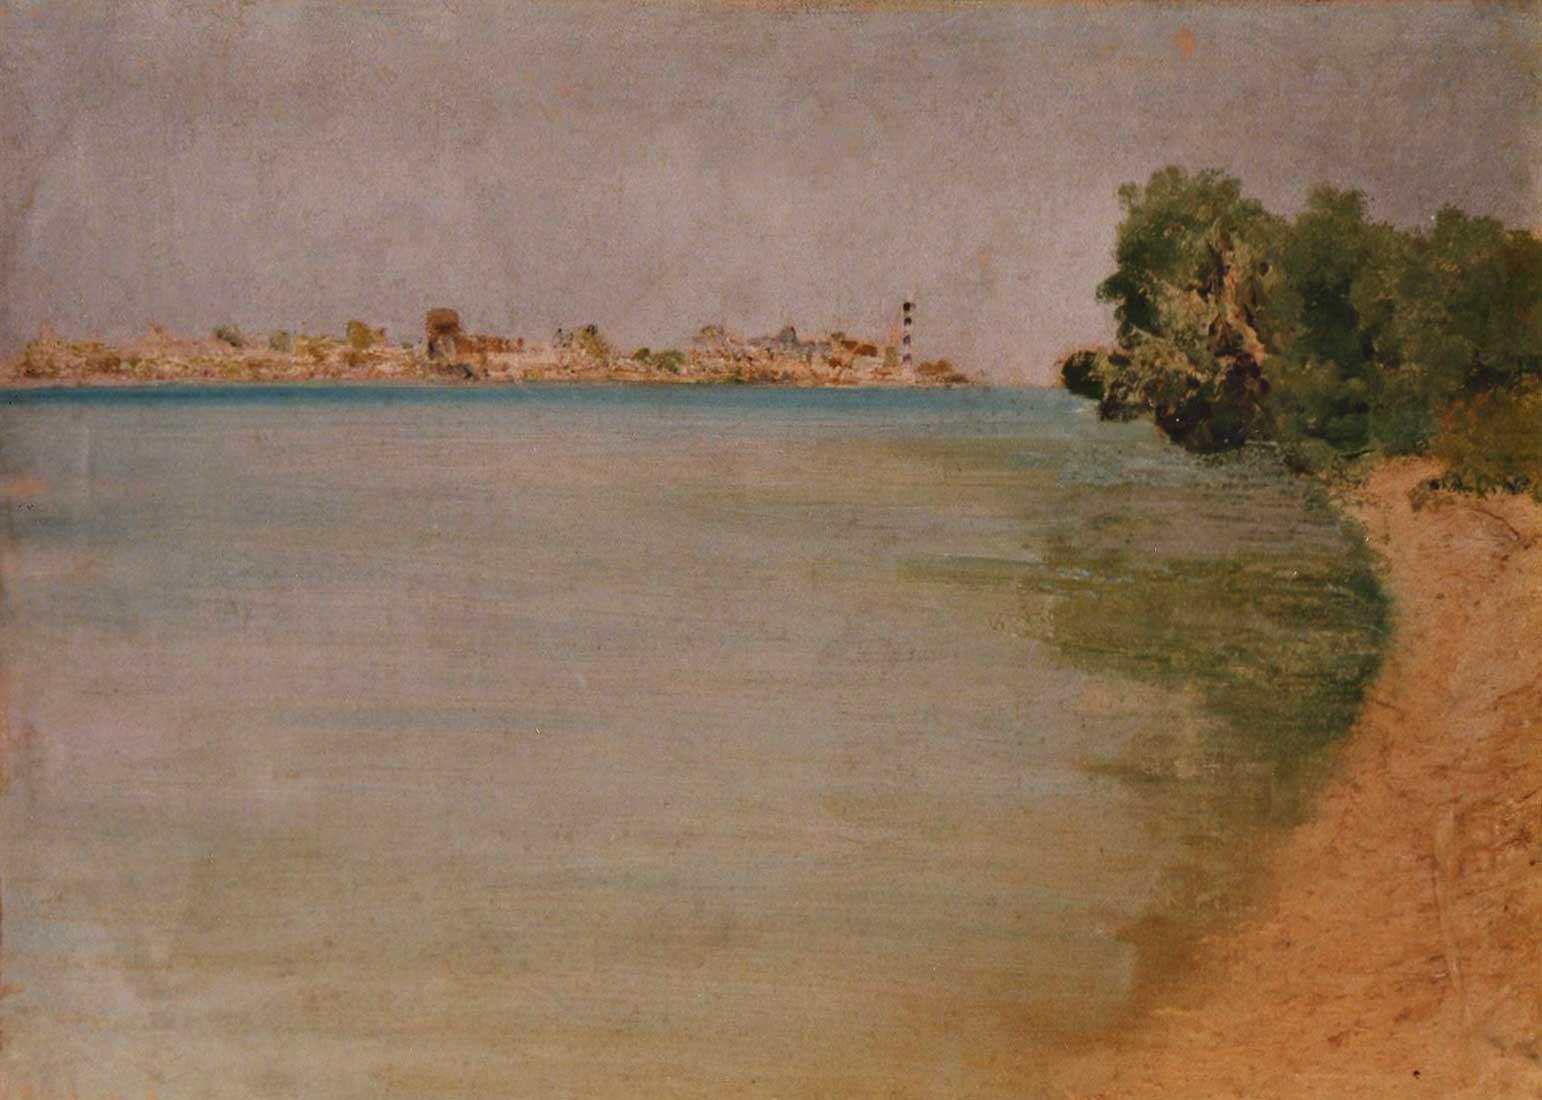 quadro paesaggio spiaggia mare tela Sabbatino